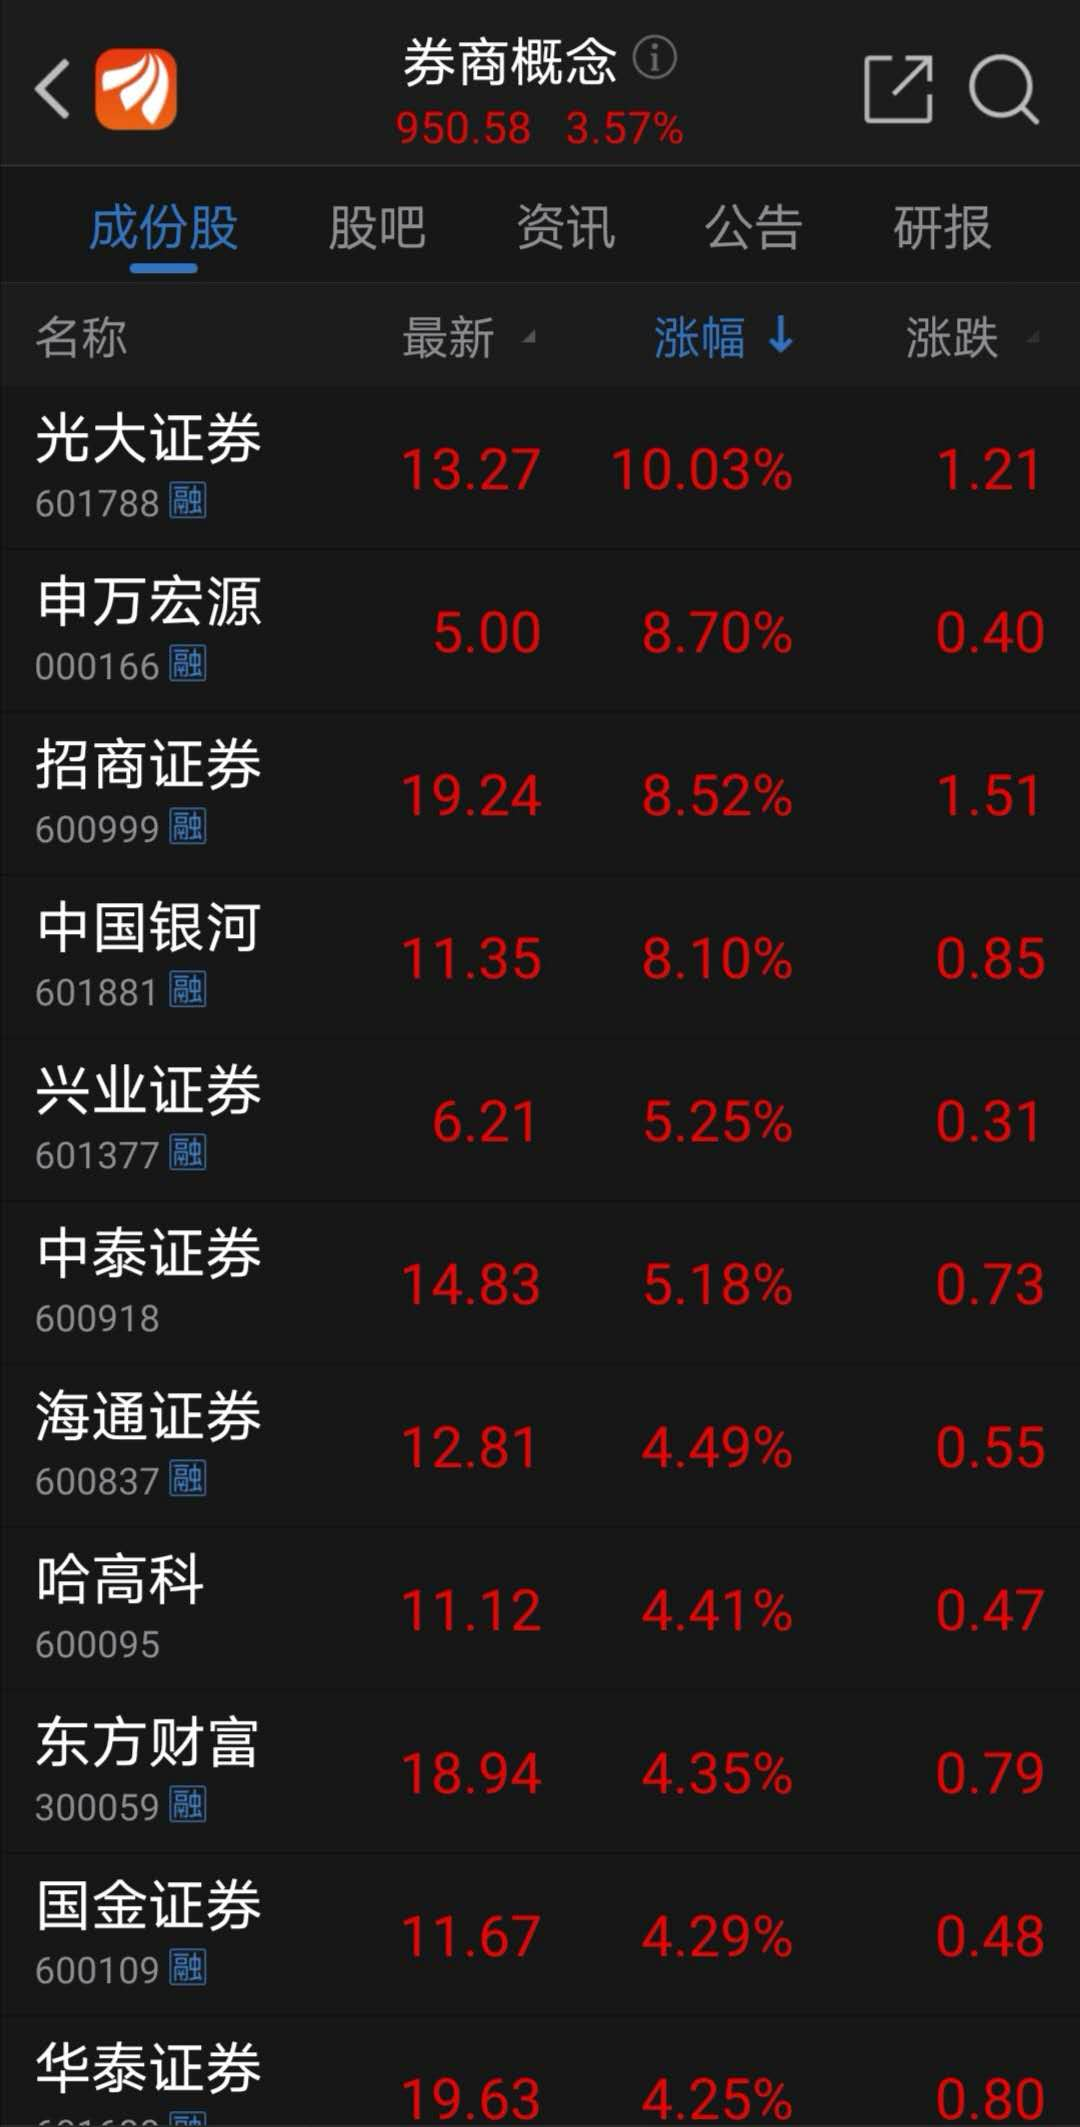 6月22日午盘券商板块个股涨幅居前个股(资料来源:东方财富网)